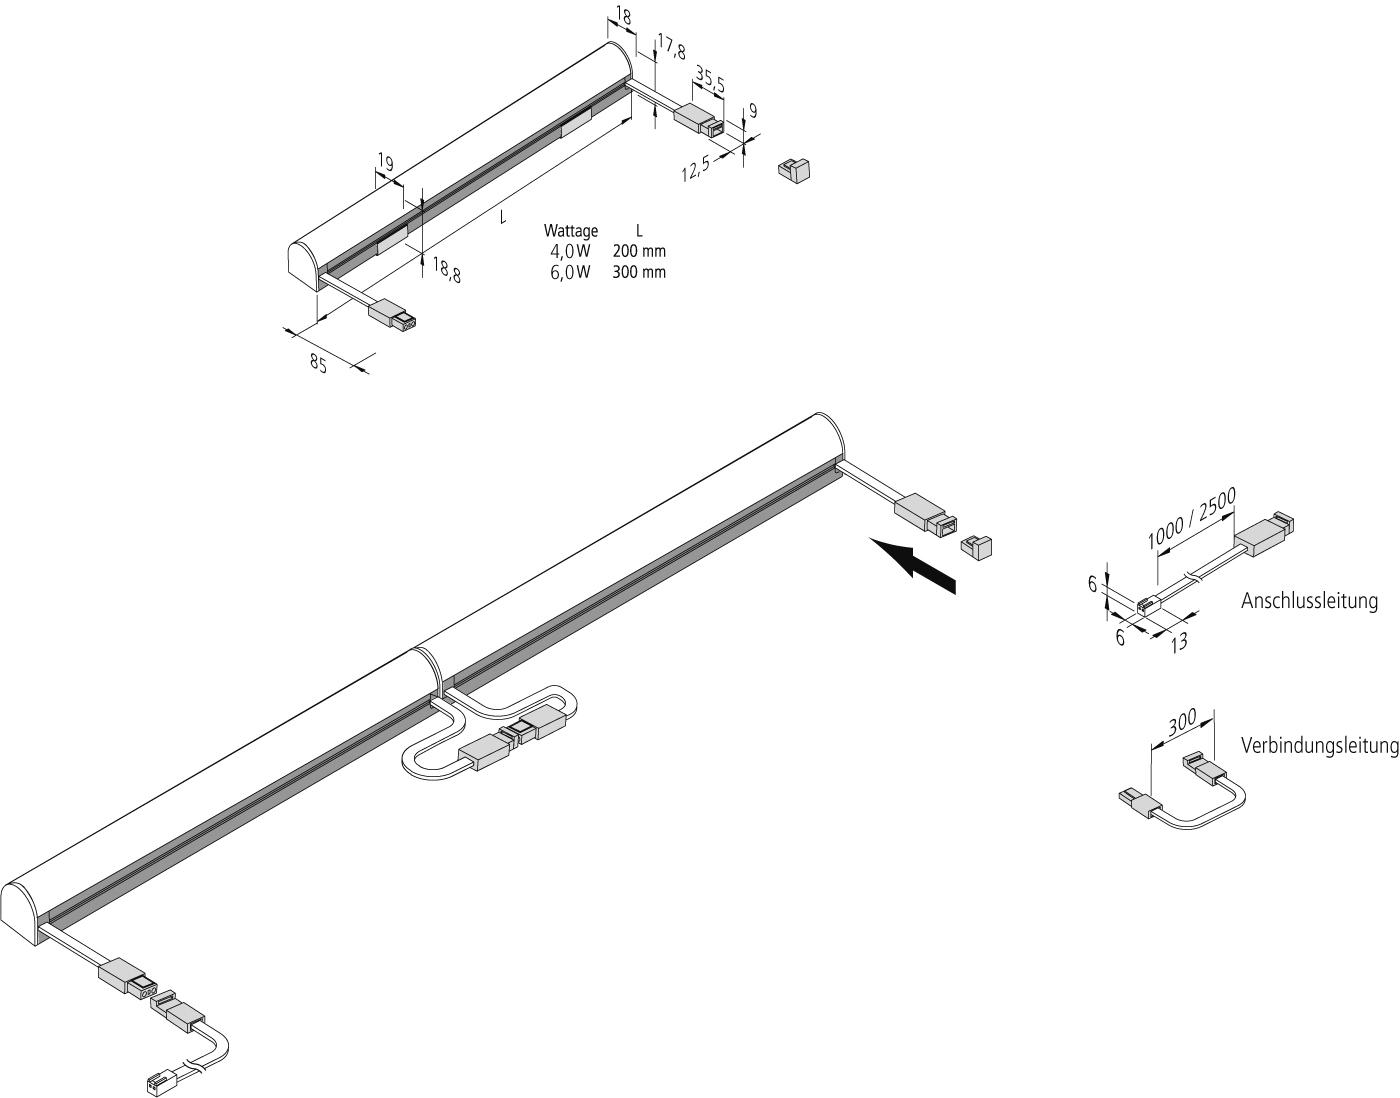 Vorschau: LED-Evo-Stick-F_3D_de